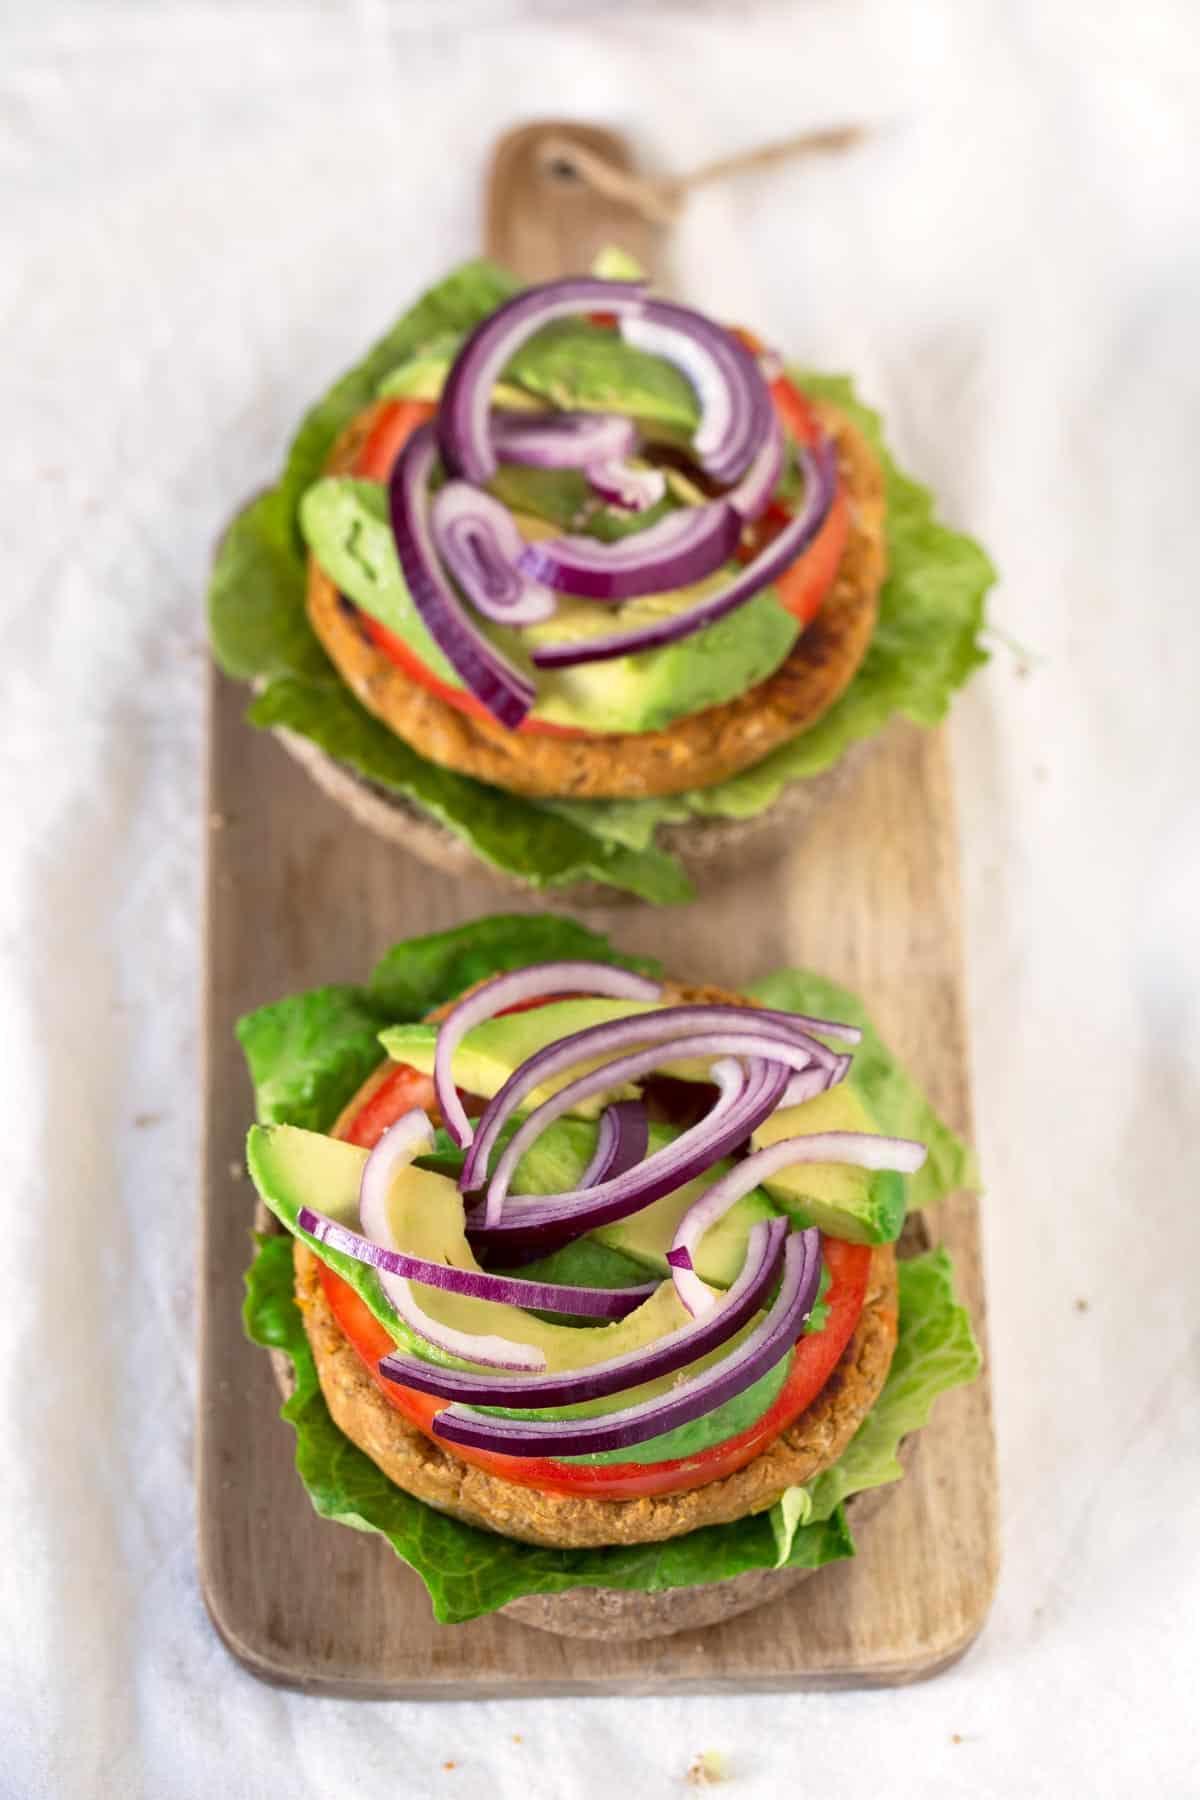 Hamburguesas Veganas de Batata y Alubias.- Hacer hamburguesas veganas es muy fácil y están increíblemente ricas, no tienen nada que envidiarle a las de carne y además son mucho más saludables.